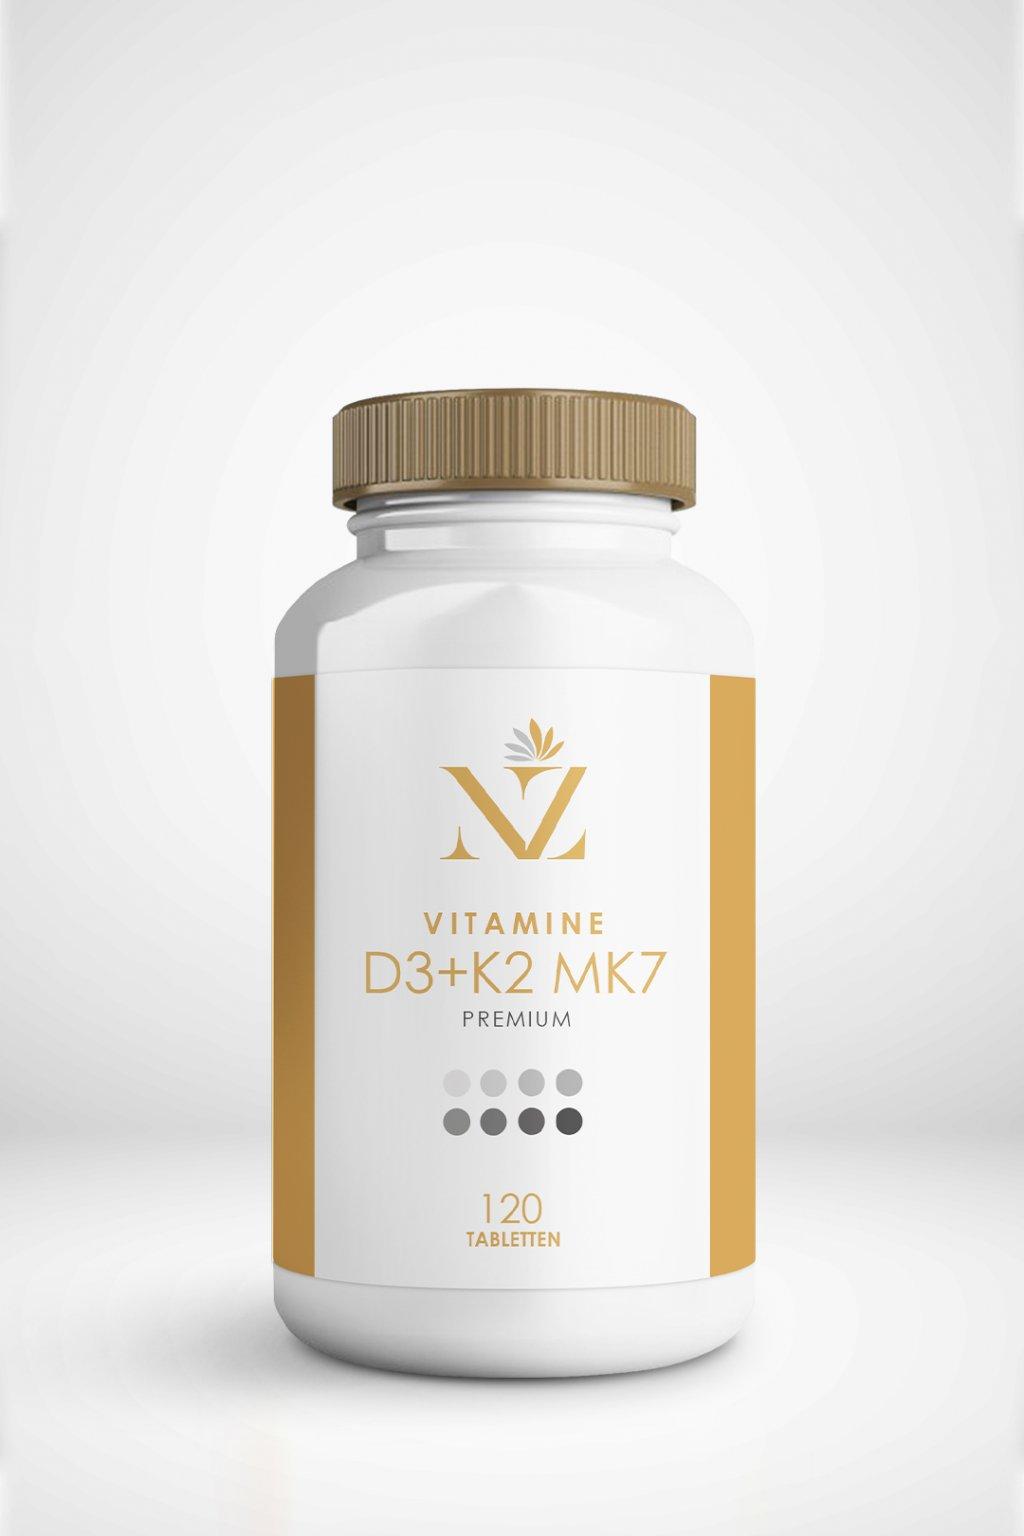 NZ Vitamine D3 K2 MK7 1080x1620px